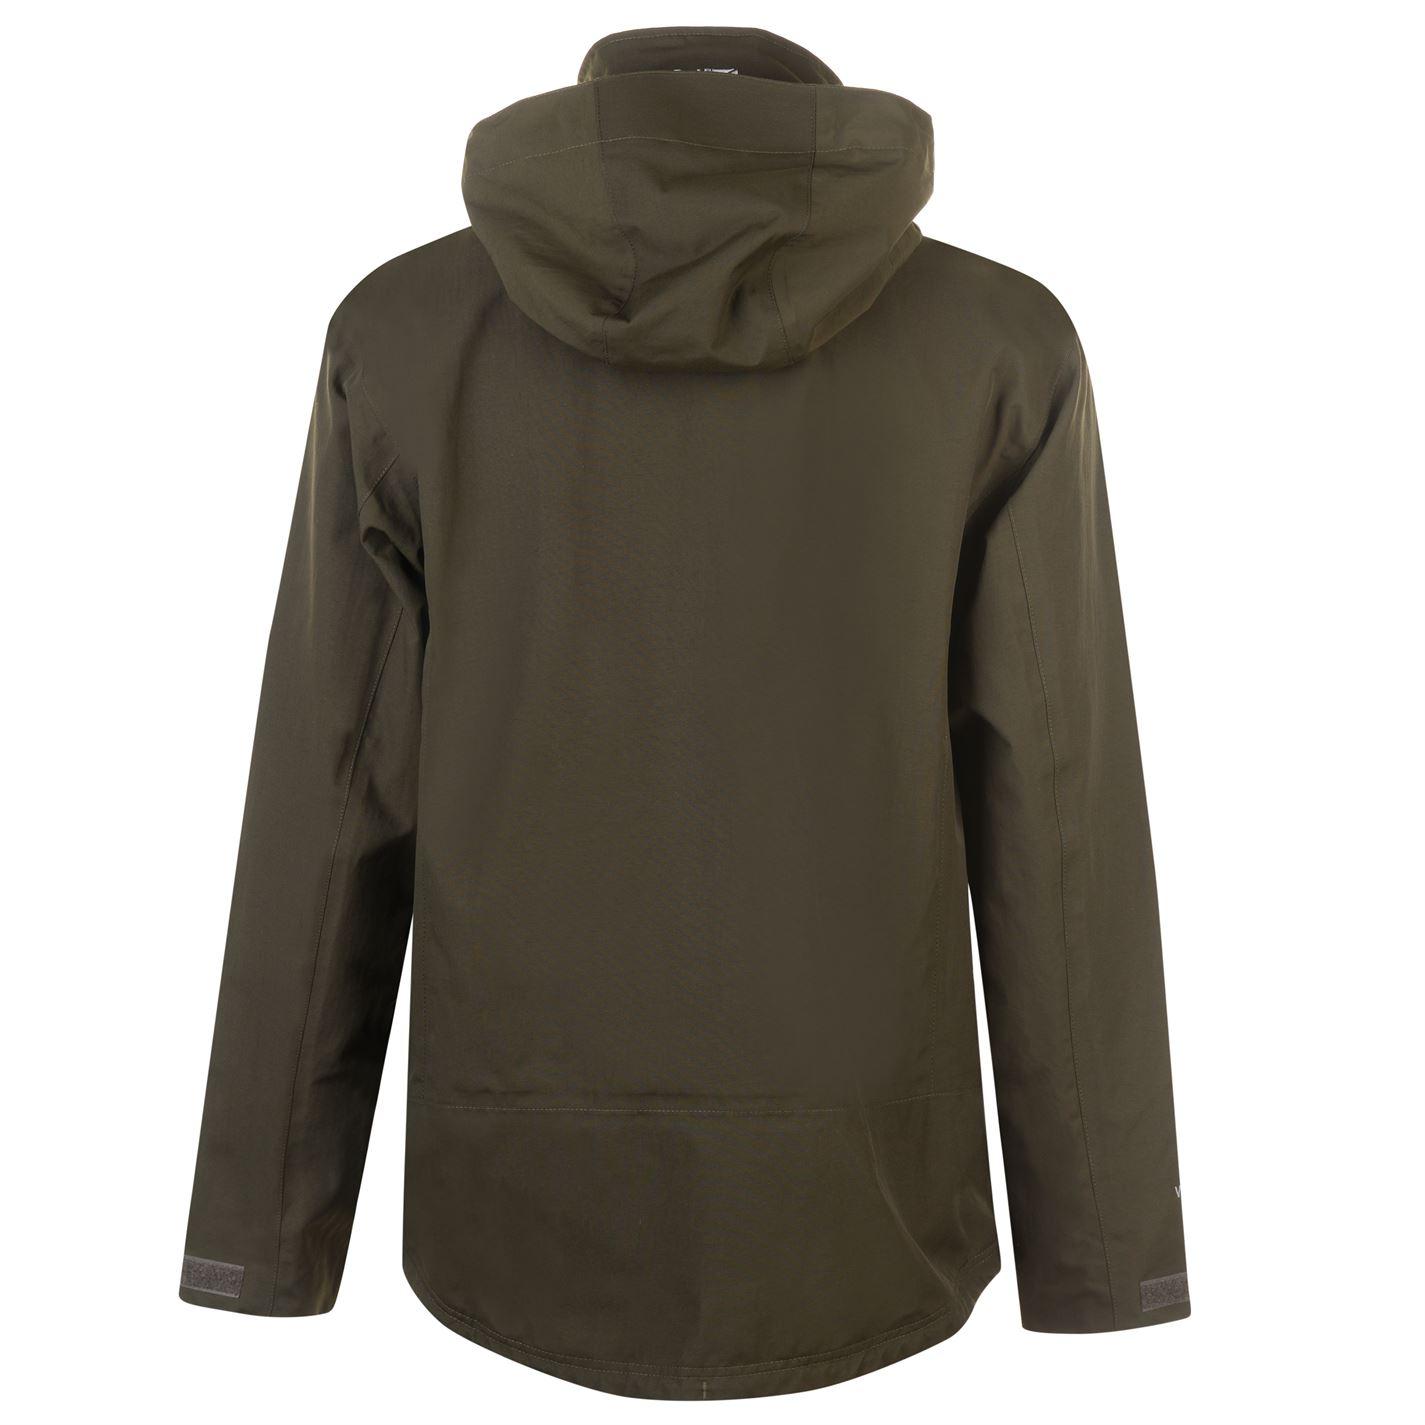 Karrimor Urban Jacket Weathertite Waterproof Foldaway Hood Mens Gents